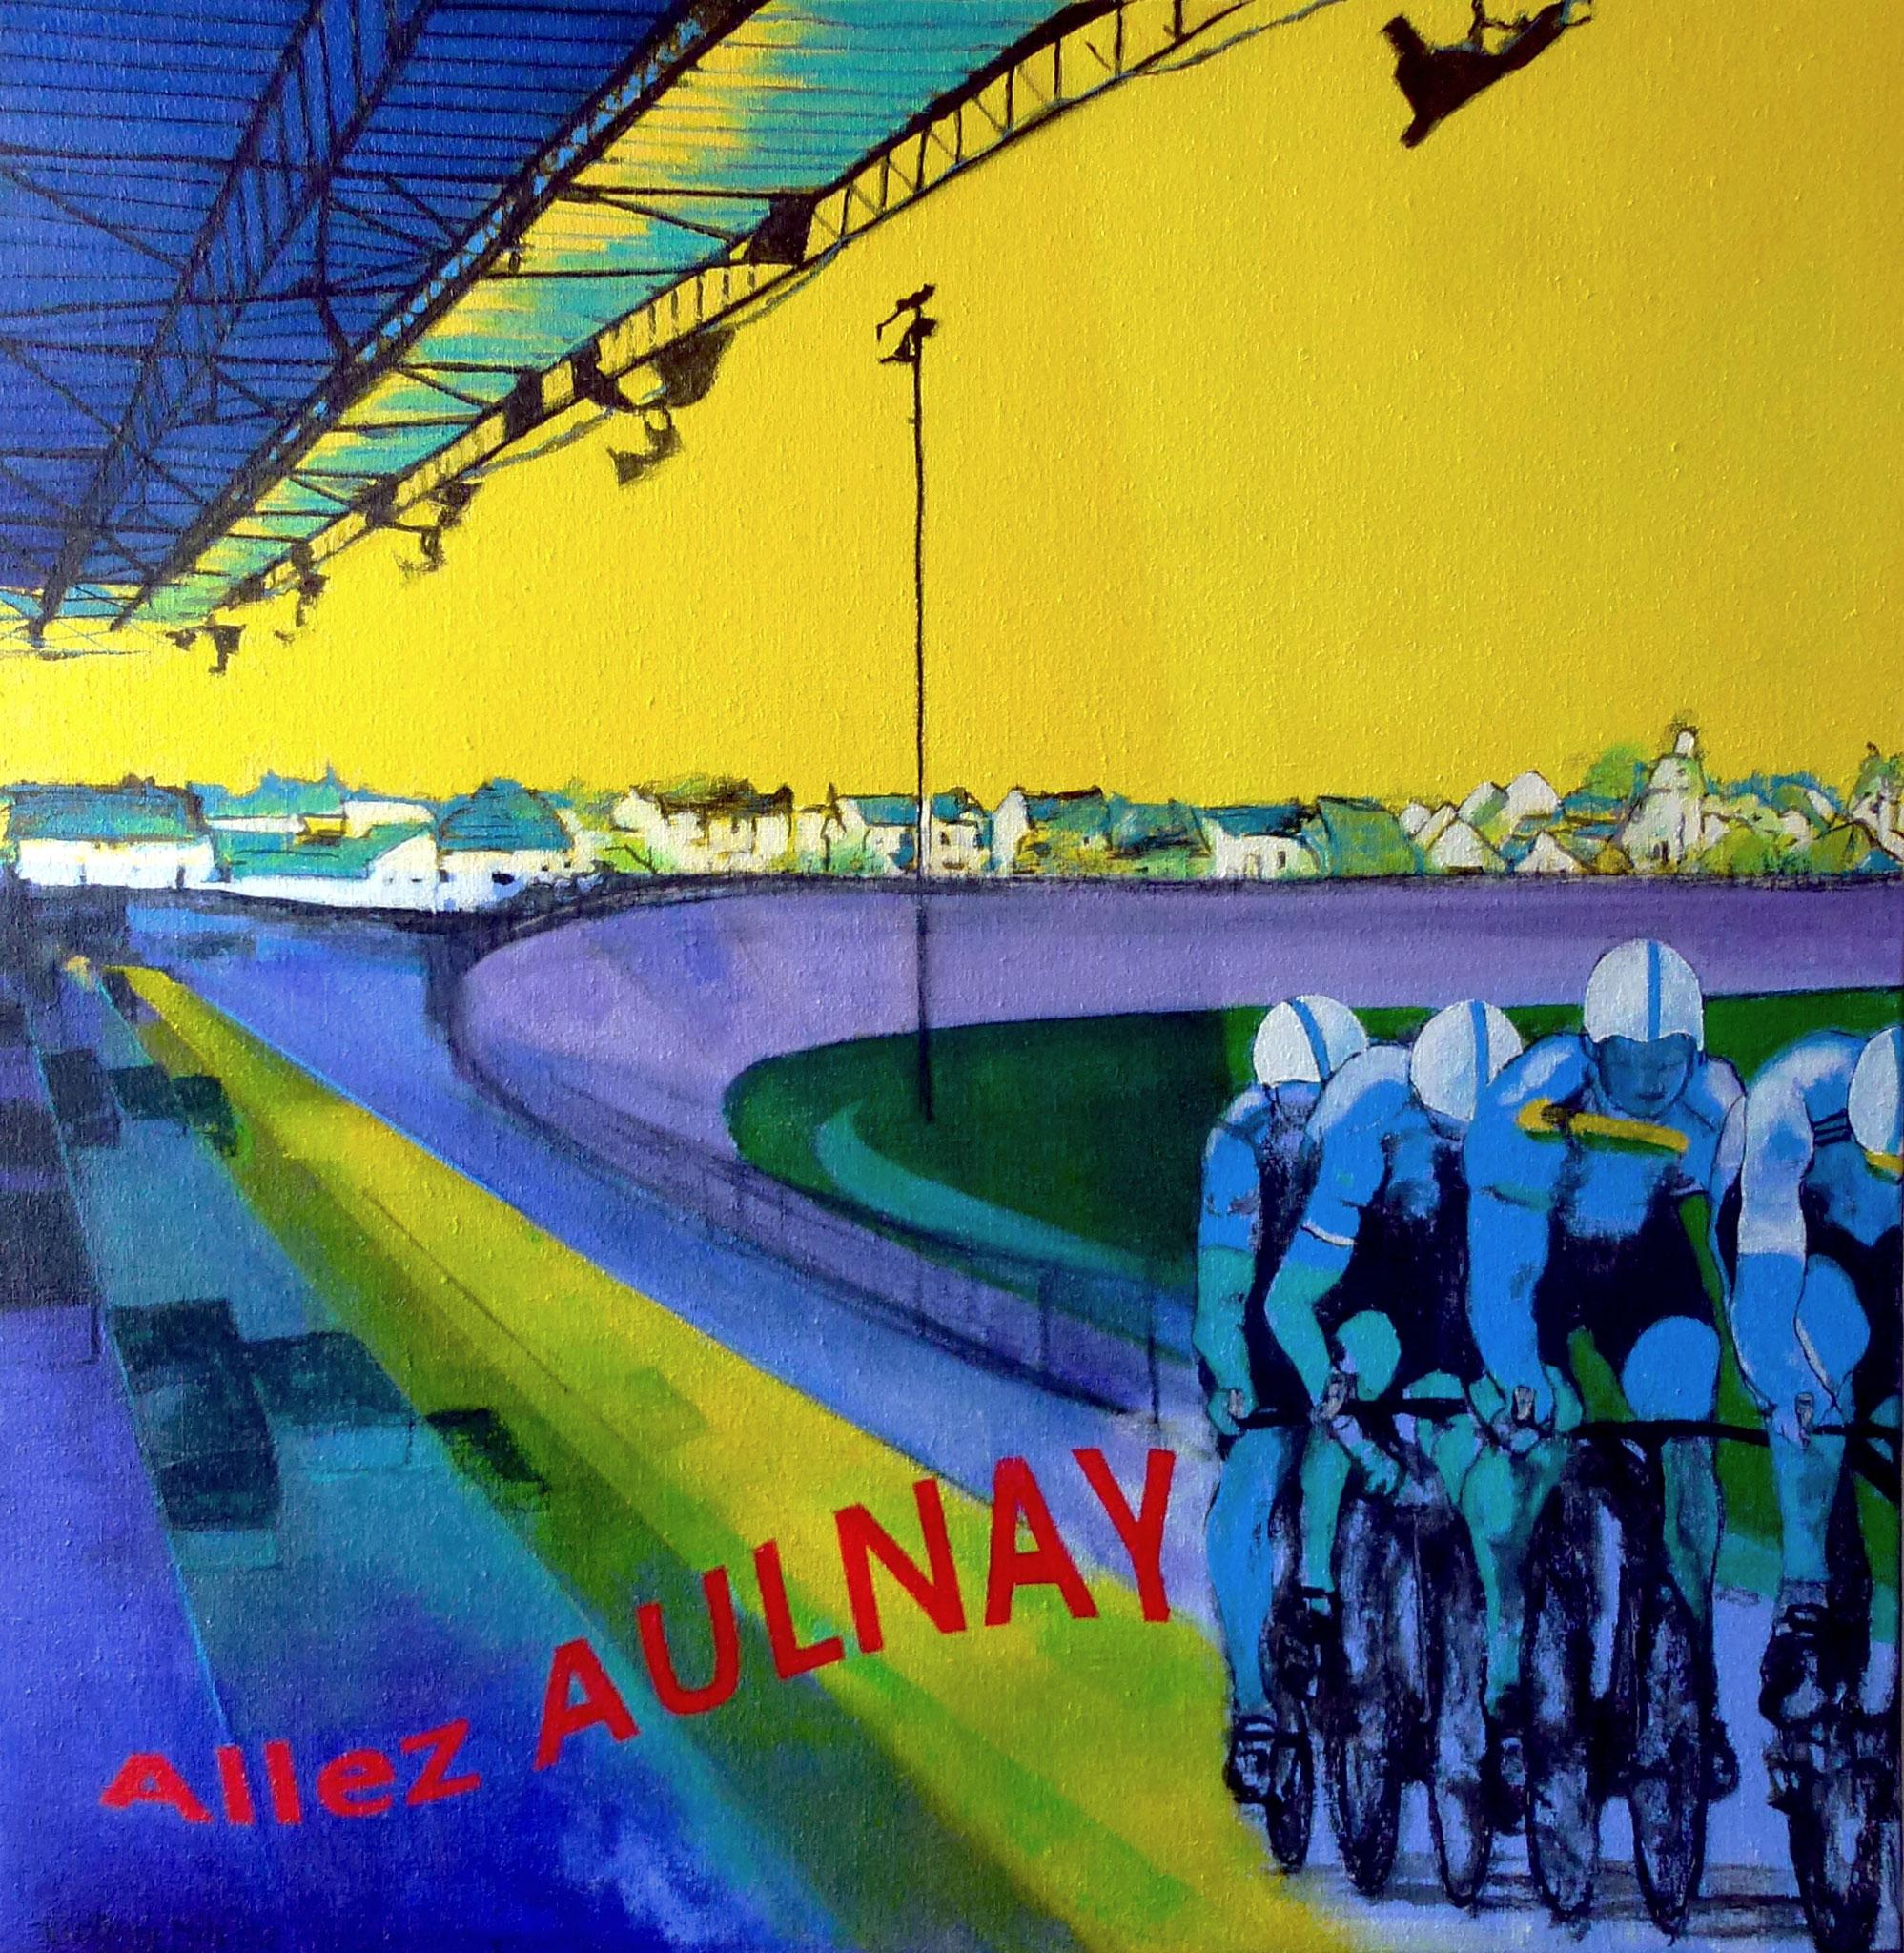 Allez Aulnay - Acrylique sur toile - Victoria NILS